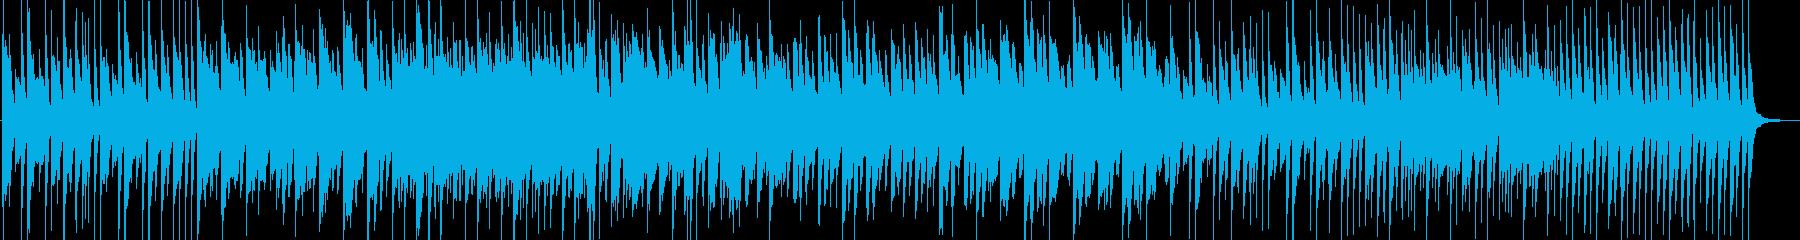 ダークな和風のピアノインストの再生済みの波形